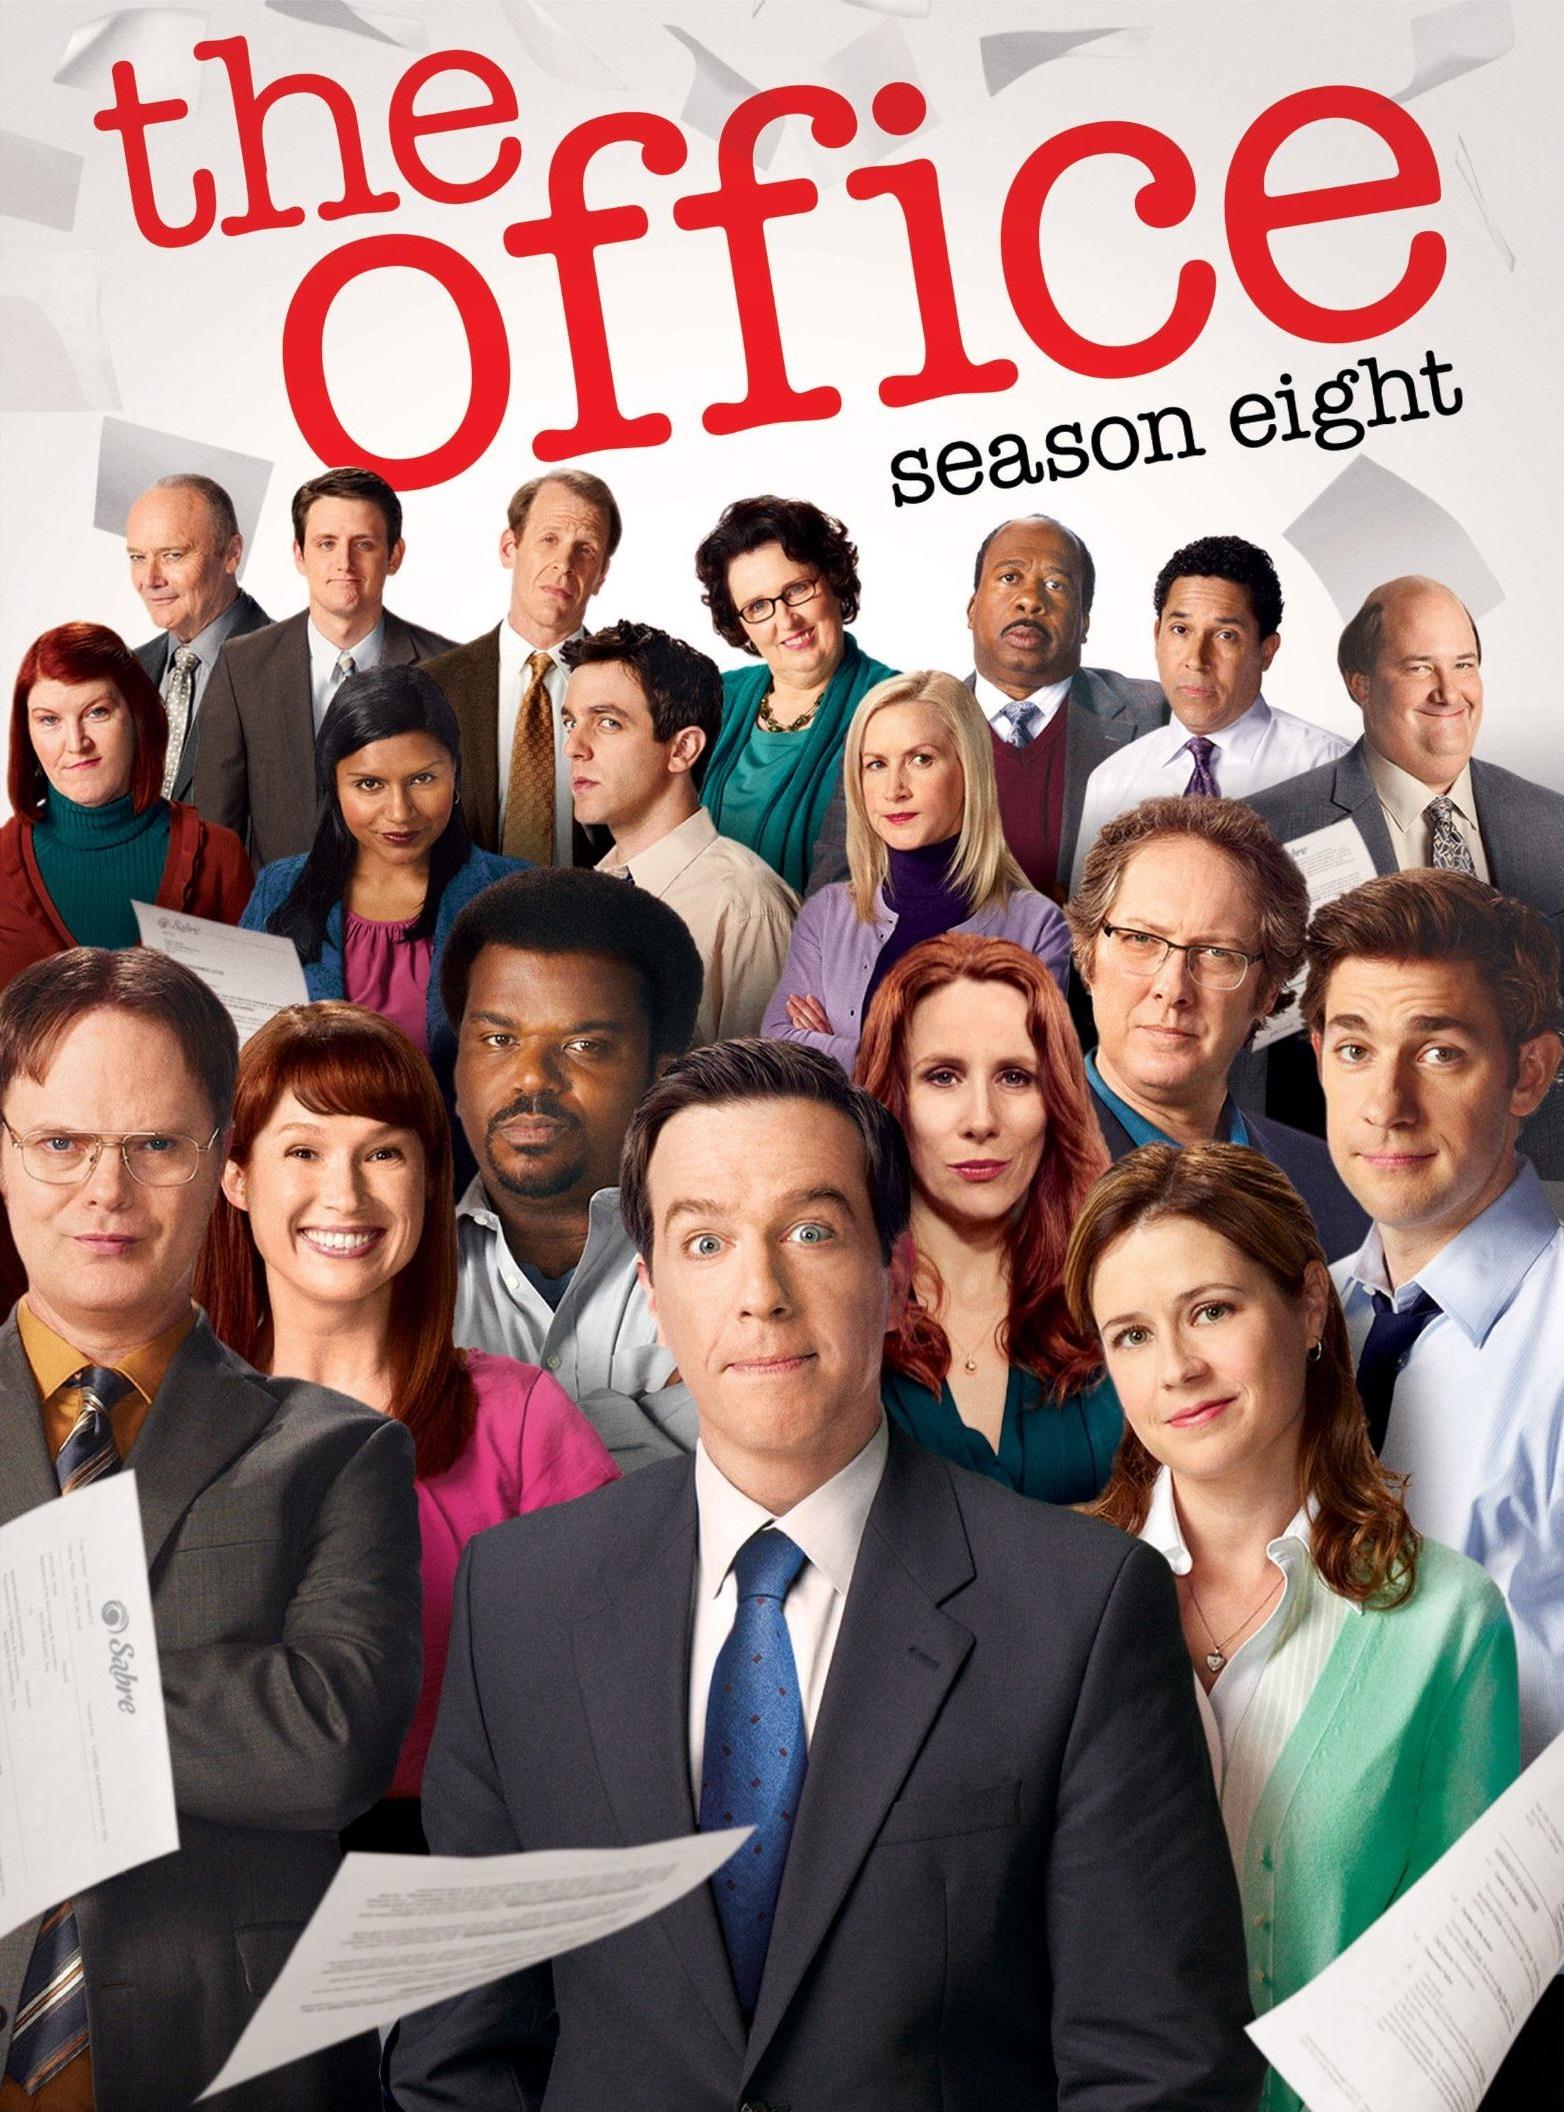 the office season 8 in hd 720p